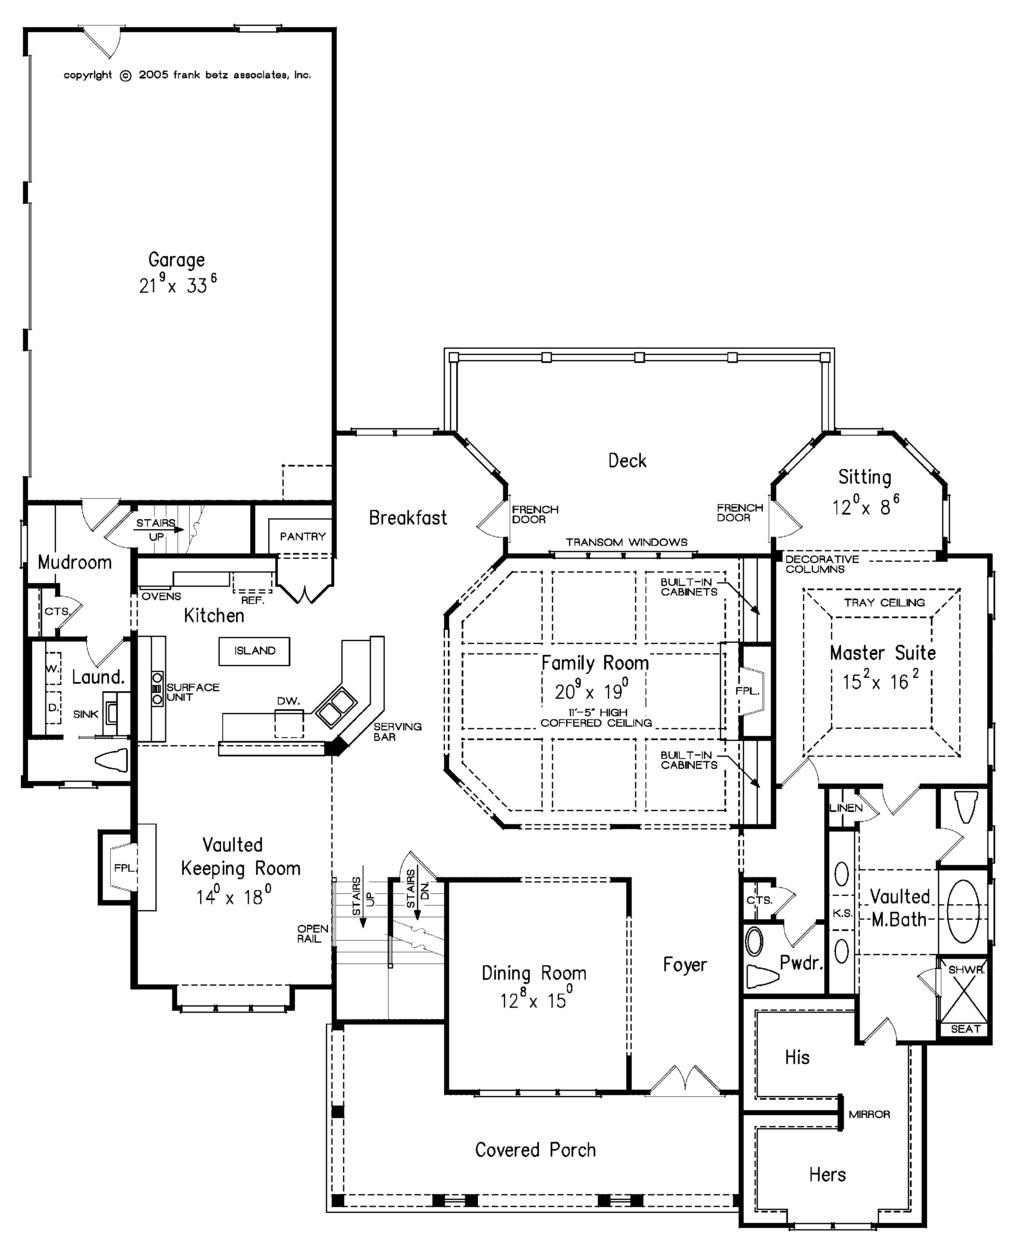 11 Desain Rumah Minimalis 4 Kamar Tidur Rumah Minimalis